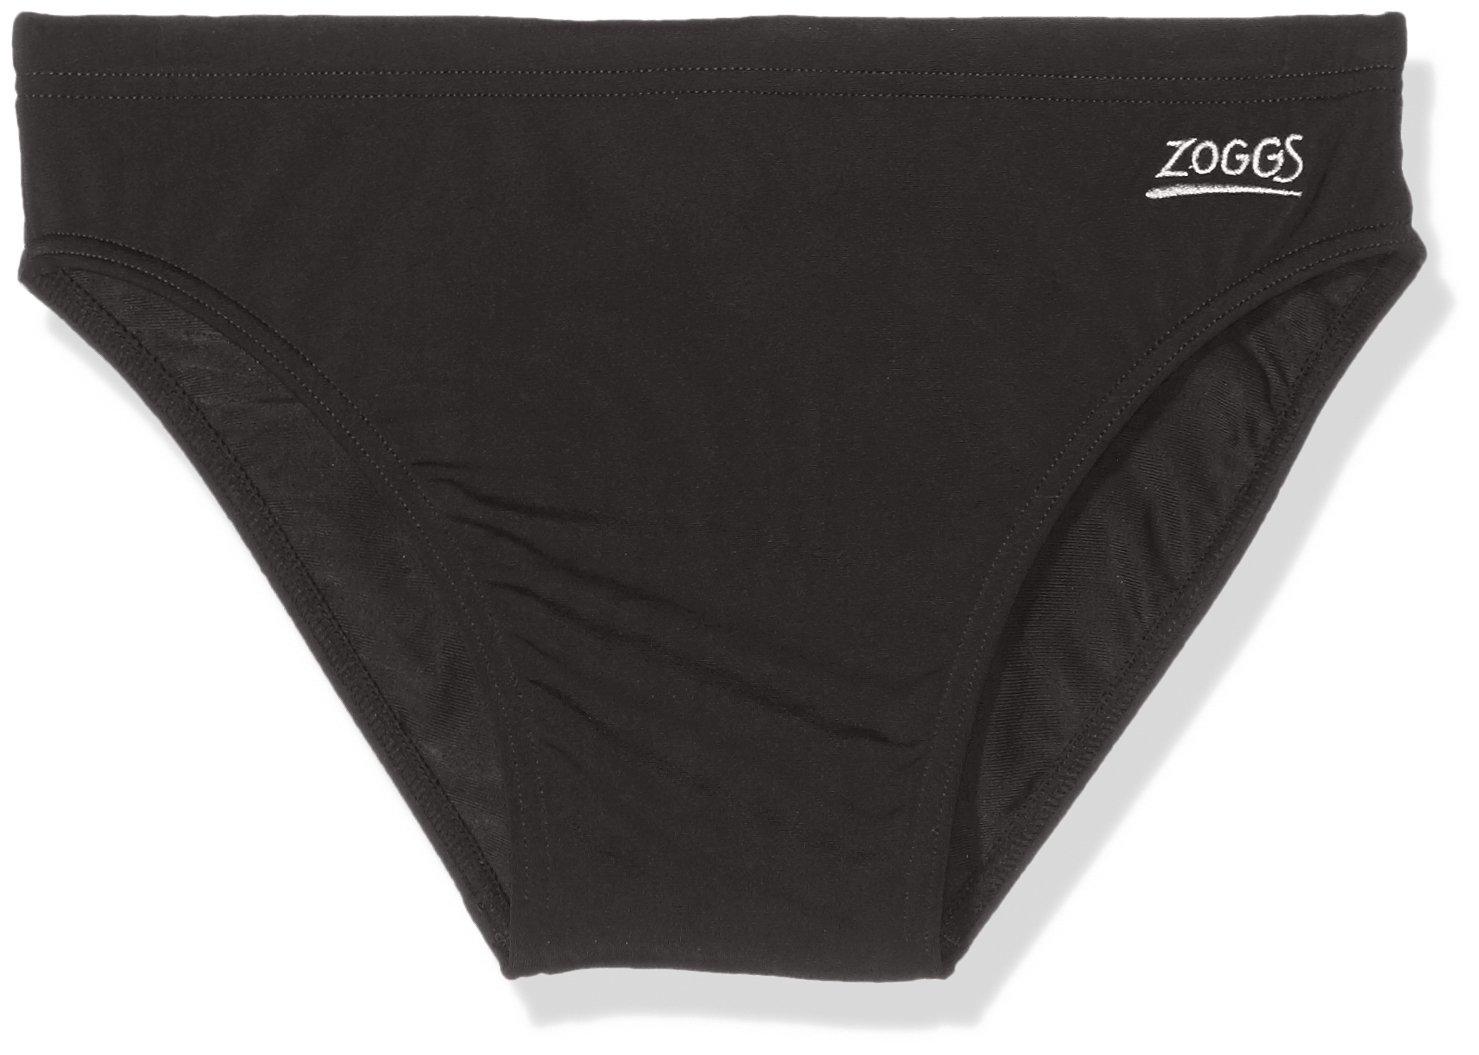 Zoggs-Cottesloe, Costume da Bagno a Slip da Uomo, Serie Sportiva Racer